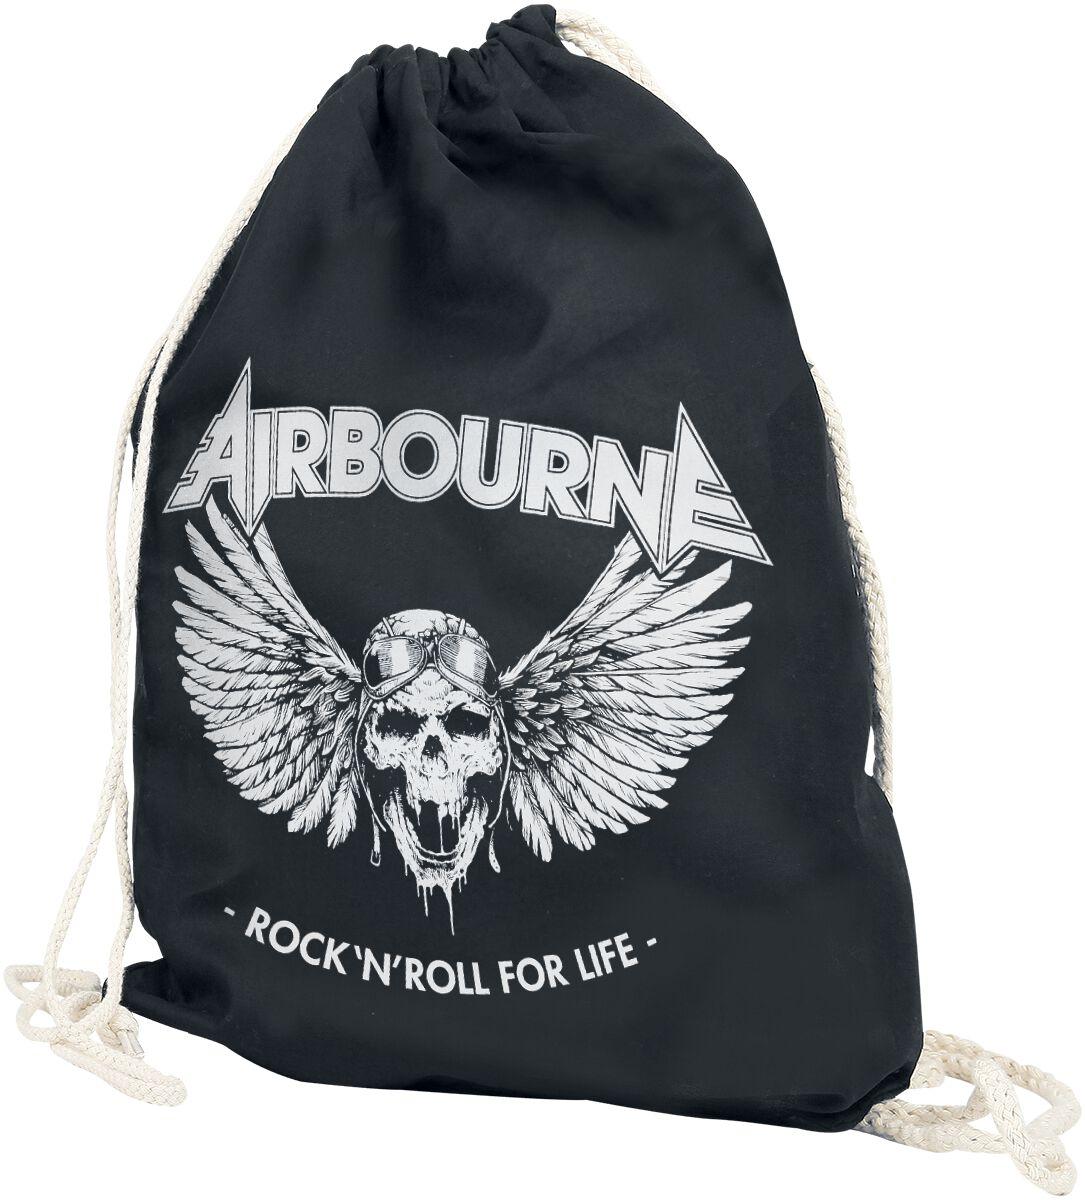 Zespoły - Torby i Plecaki - Torba treningowa Airbourne Rock 'N Roll For Life Torba treningowa czarny - 370063